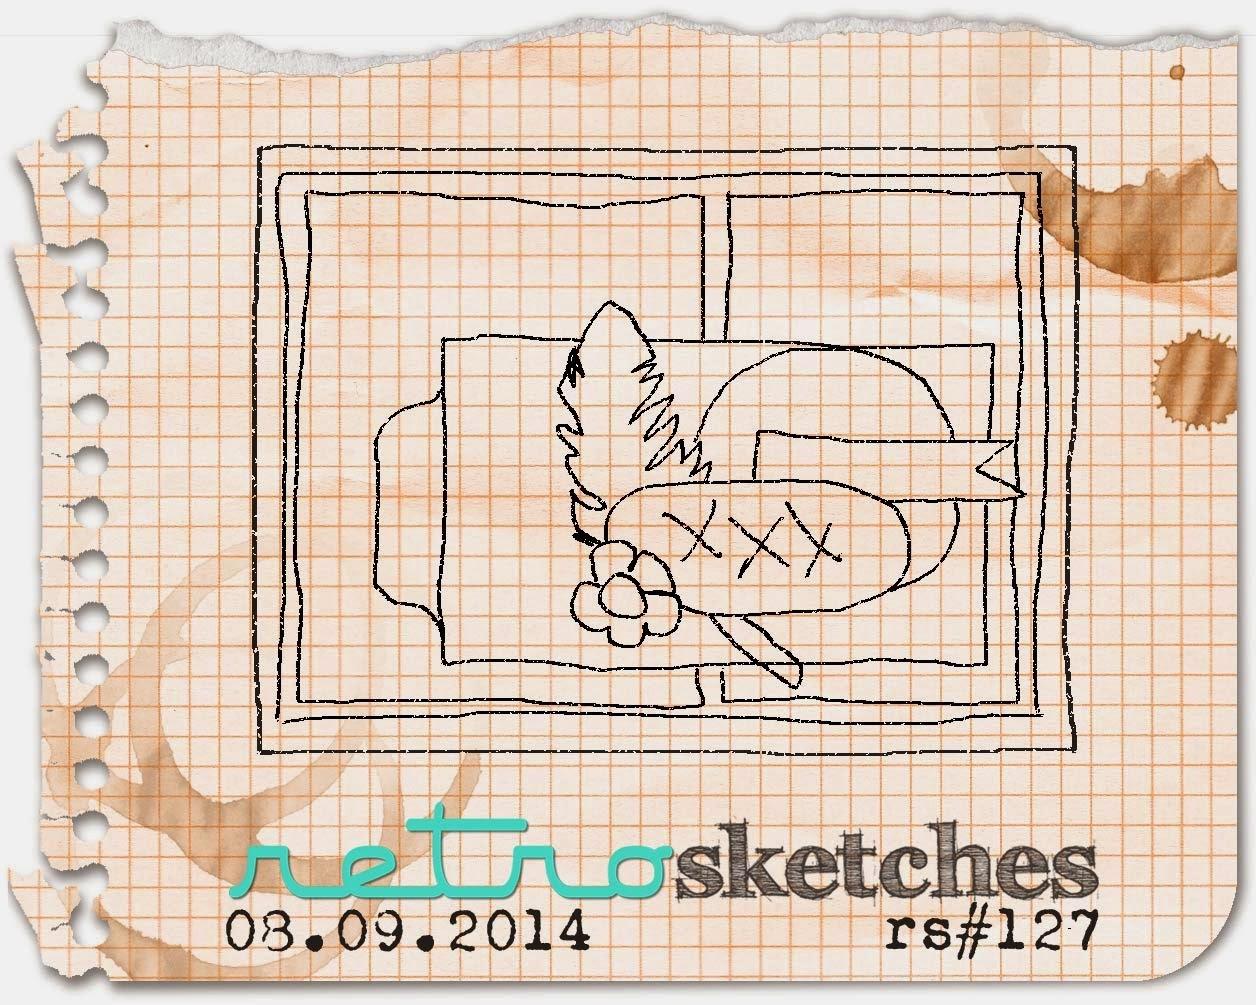 http://retrosketches.blogspot.com/2014/08/retrosketches-127.html